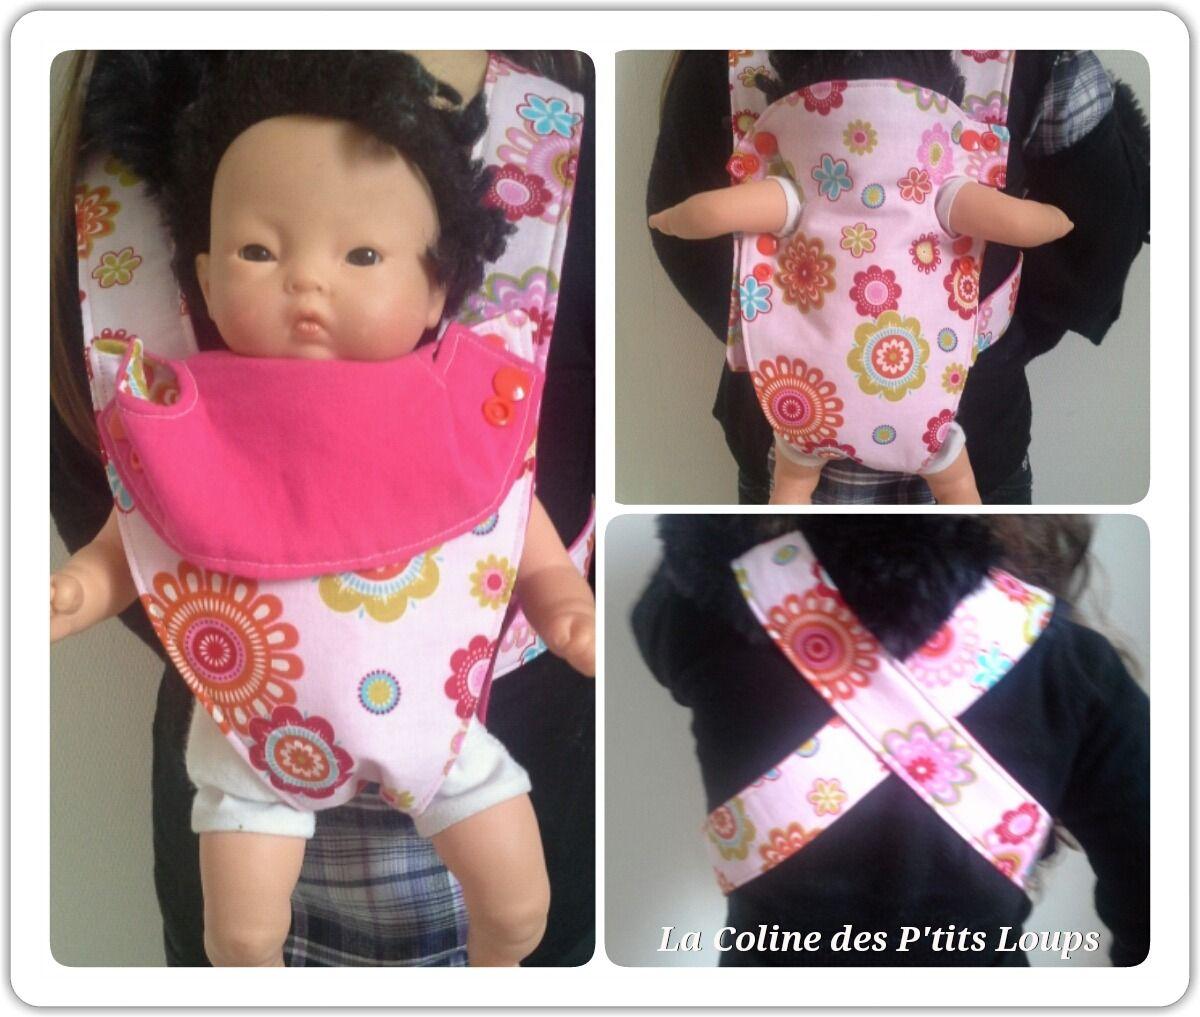 e5a9d0d3314 Porte bébé-poupée ajustable pour enfant   Jeux